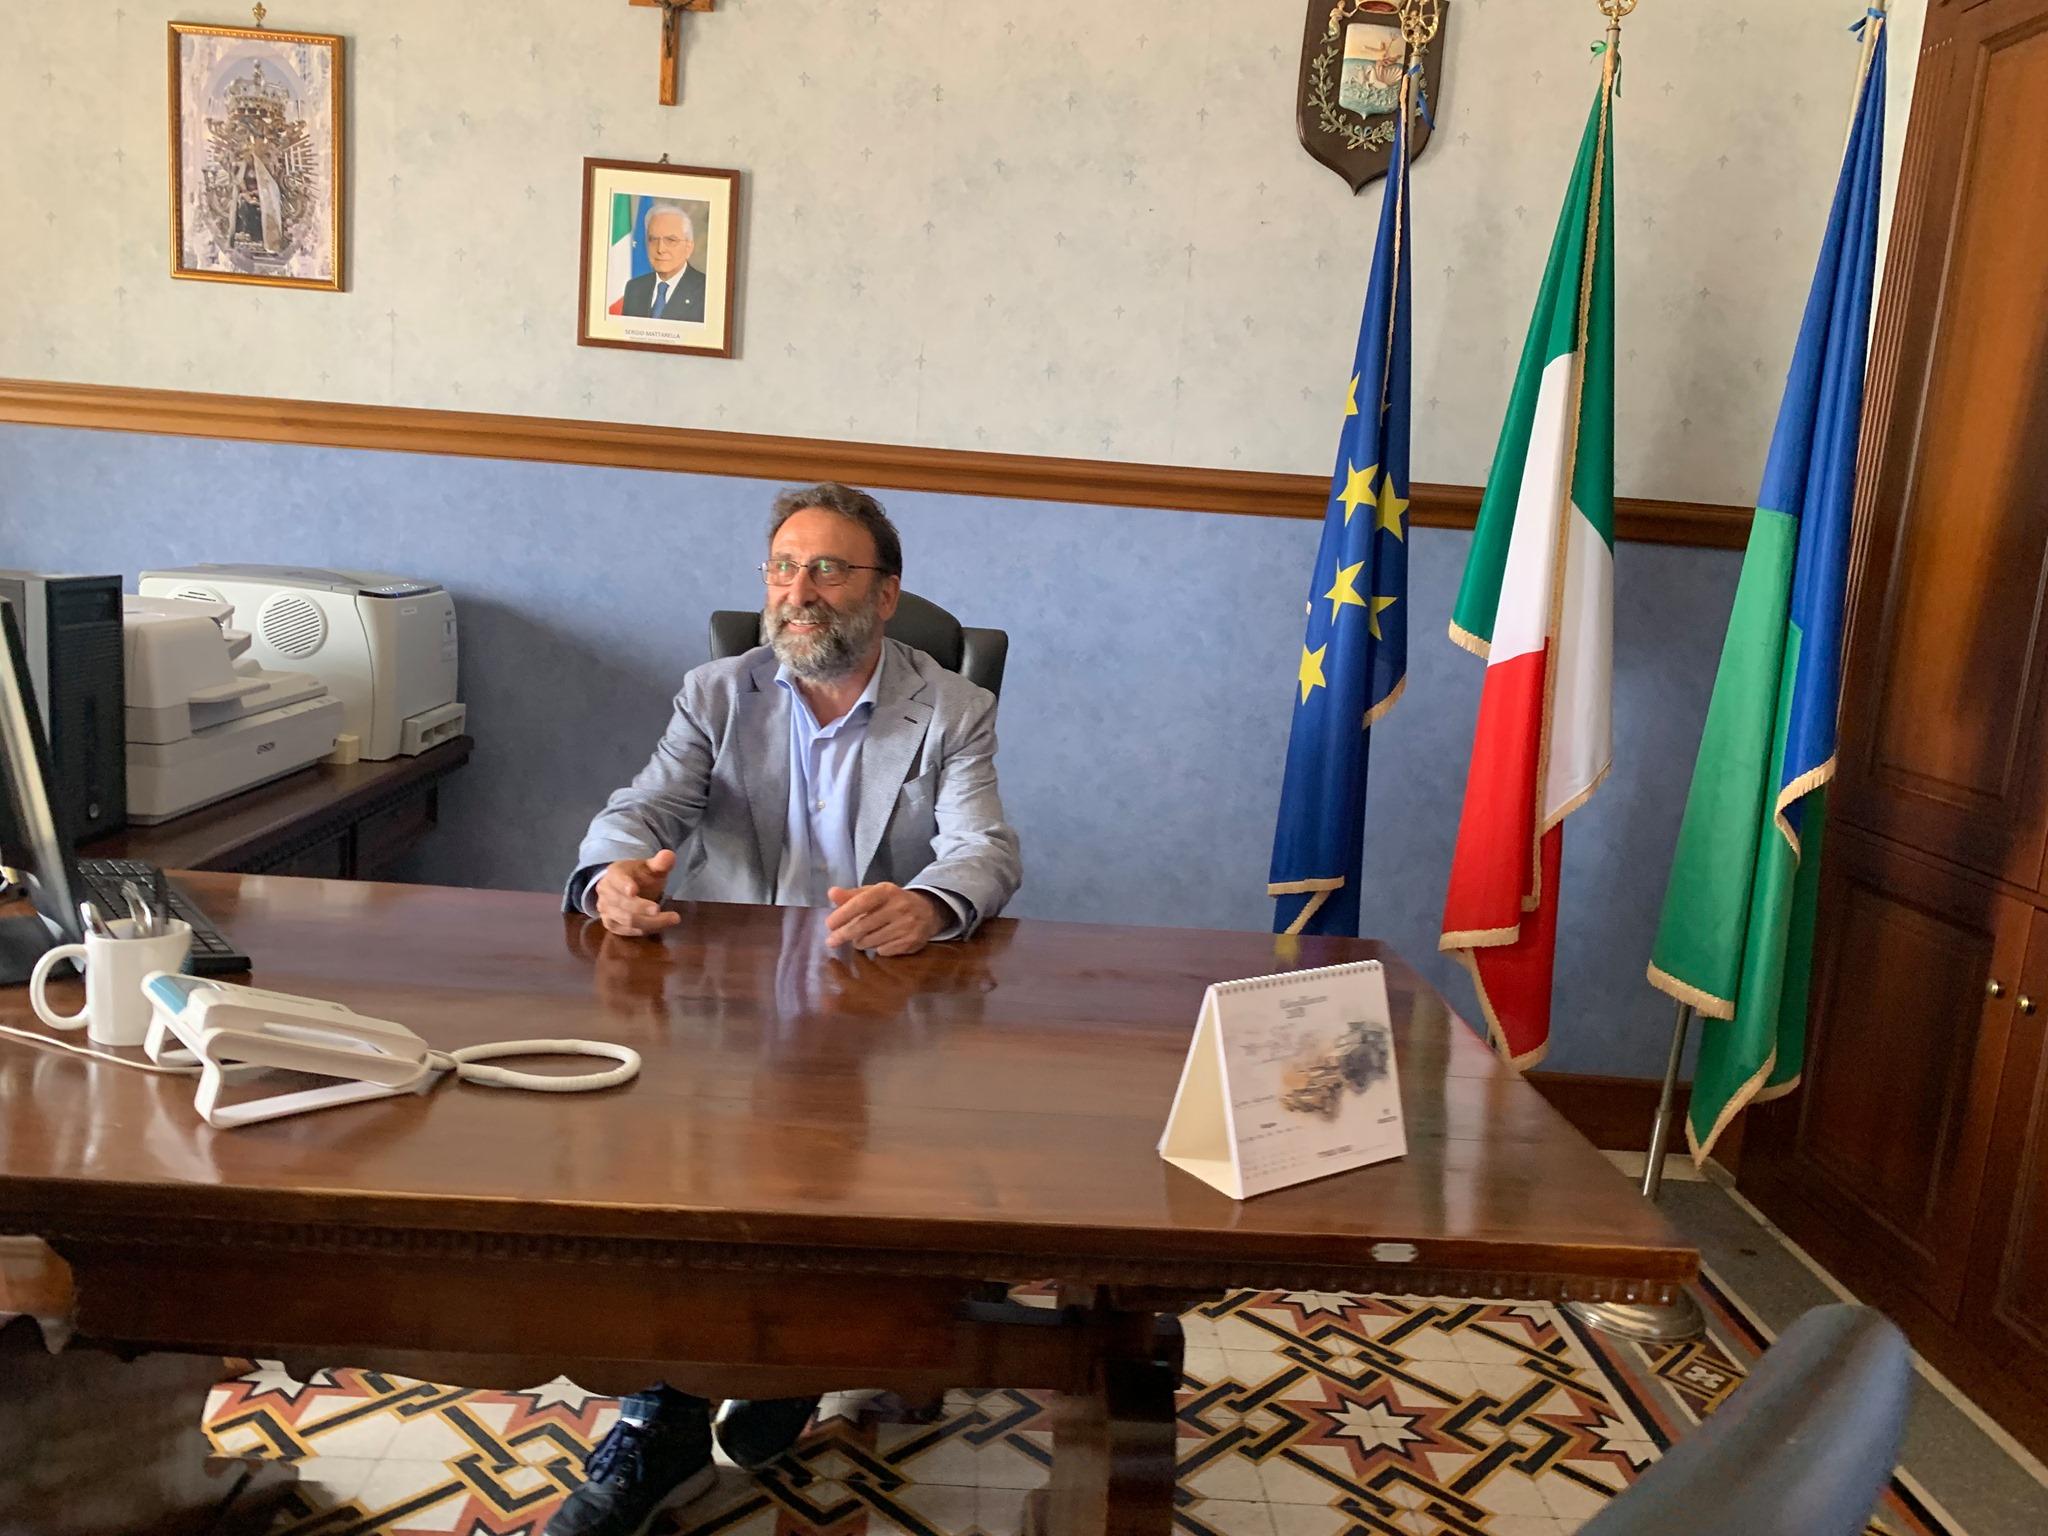 Nettuno, Razzismo verso i migranti ospiti dei centri di accoglienza del territorio: il Comune prende le distanze